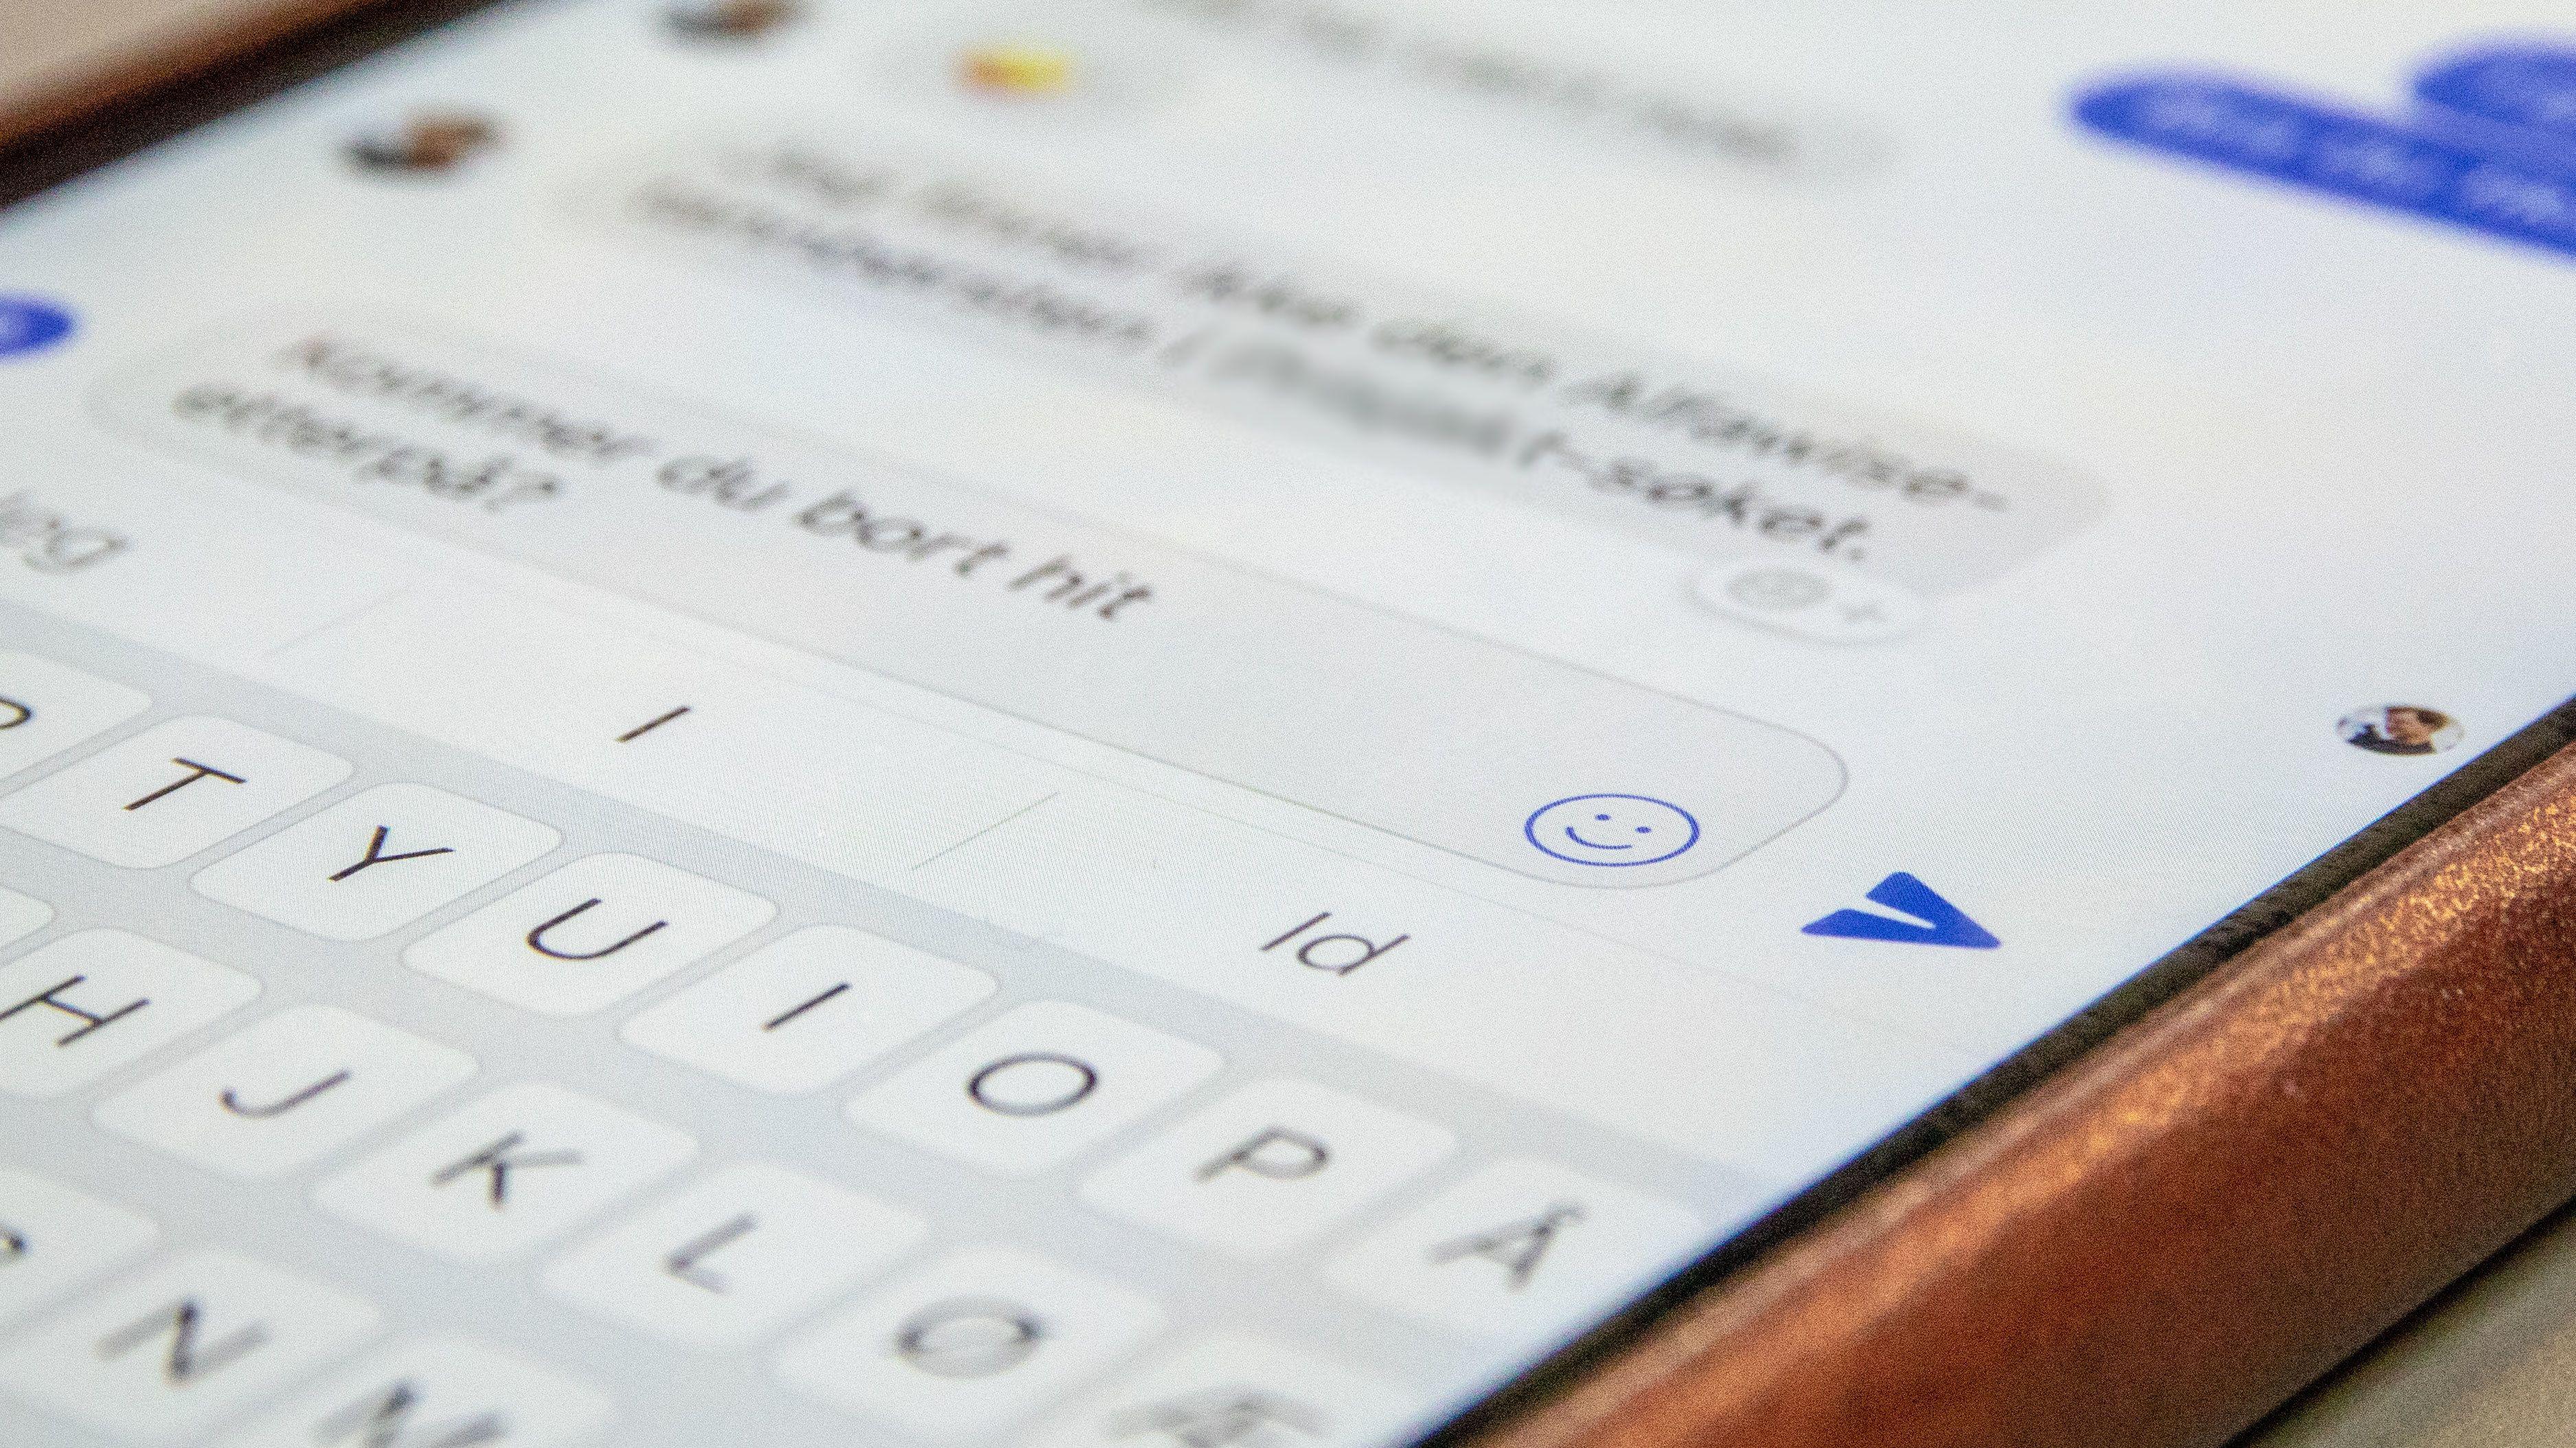 Snart vil du kunne sette utløpsdato på Facebook-meldingene dine